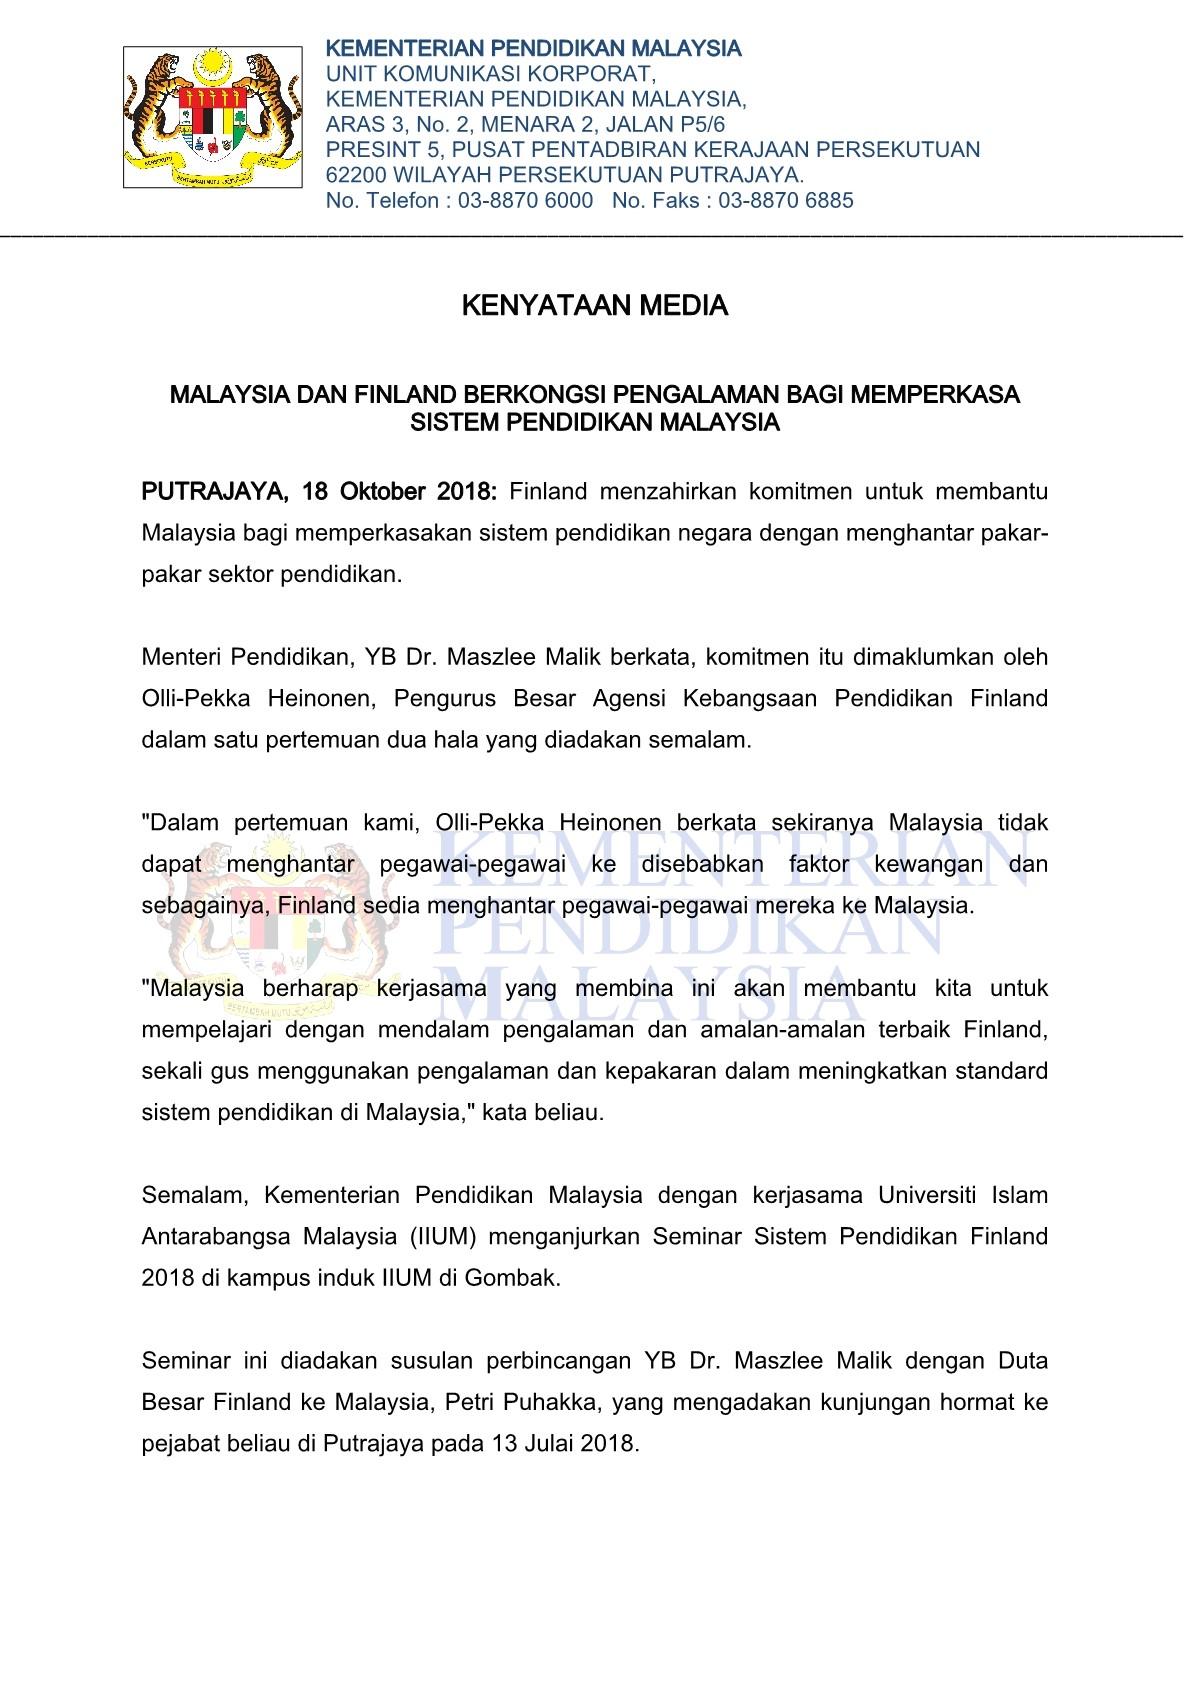 Kpm Kenyataan Media Malaysia Dan Finland Berkongsi Pengalaman Bagi Memperkasa Sistem Pendidikan Malaysia